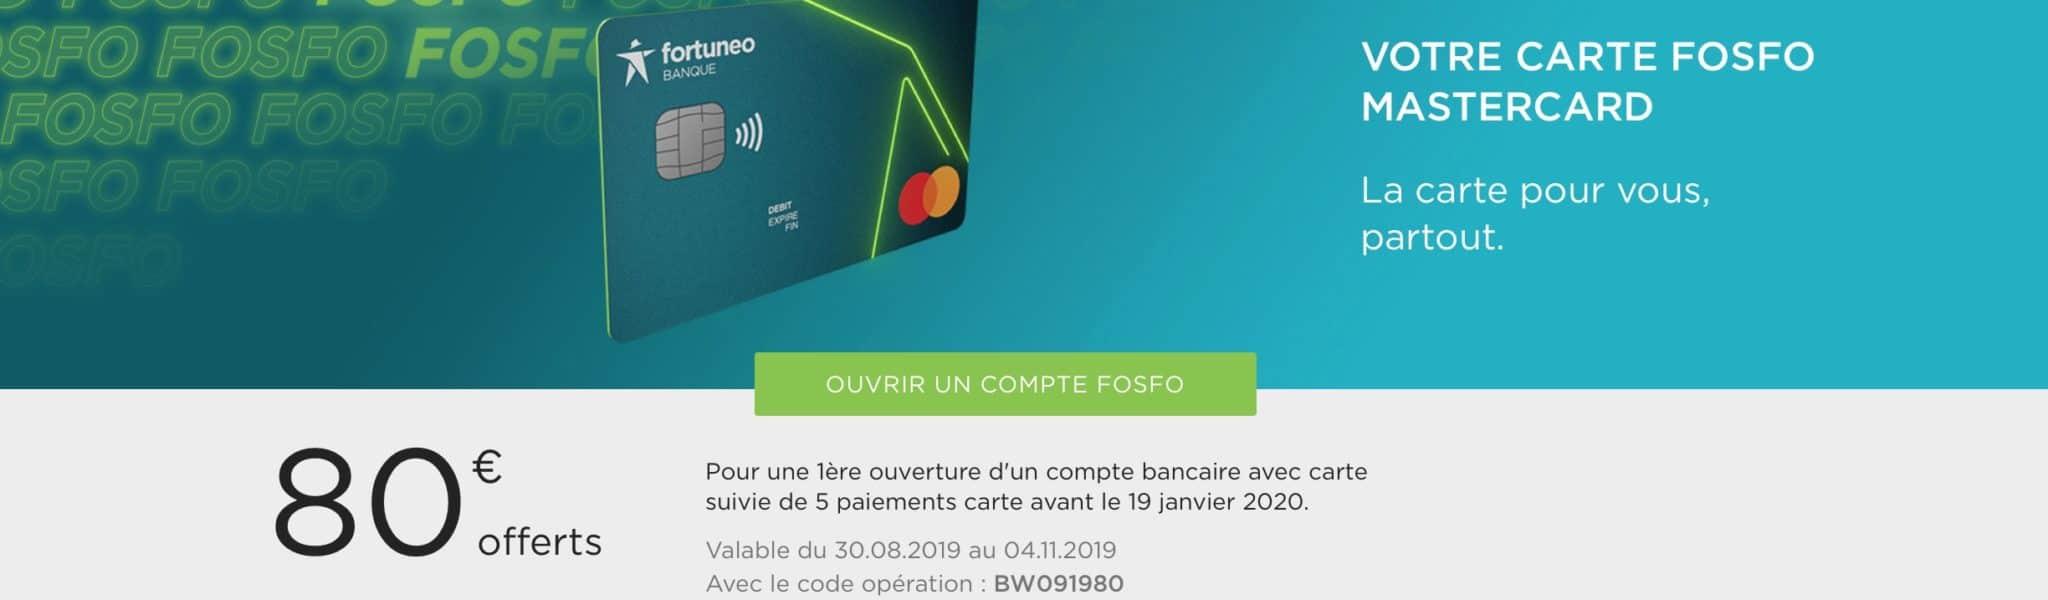 Fortuneo lance Fosfo le compte sans frais à l'étranger